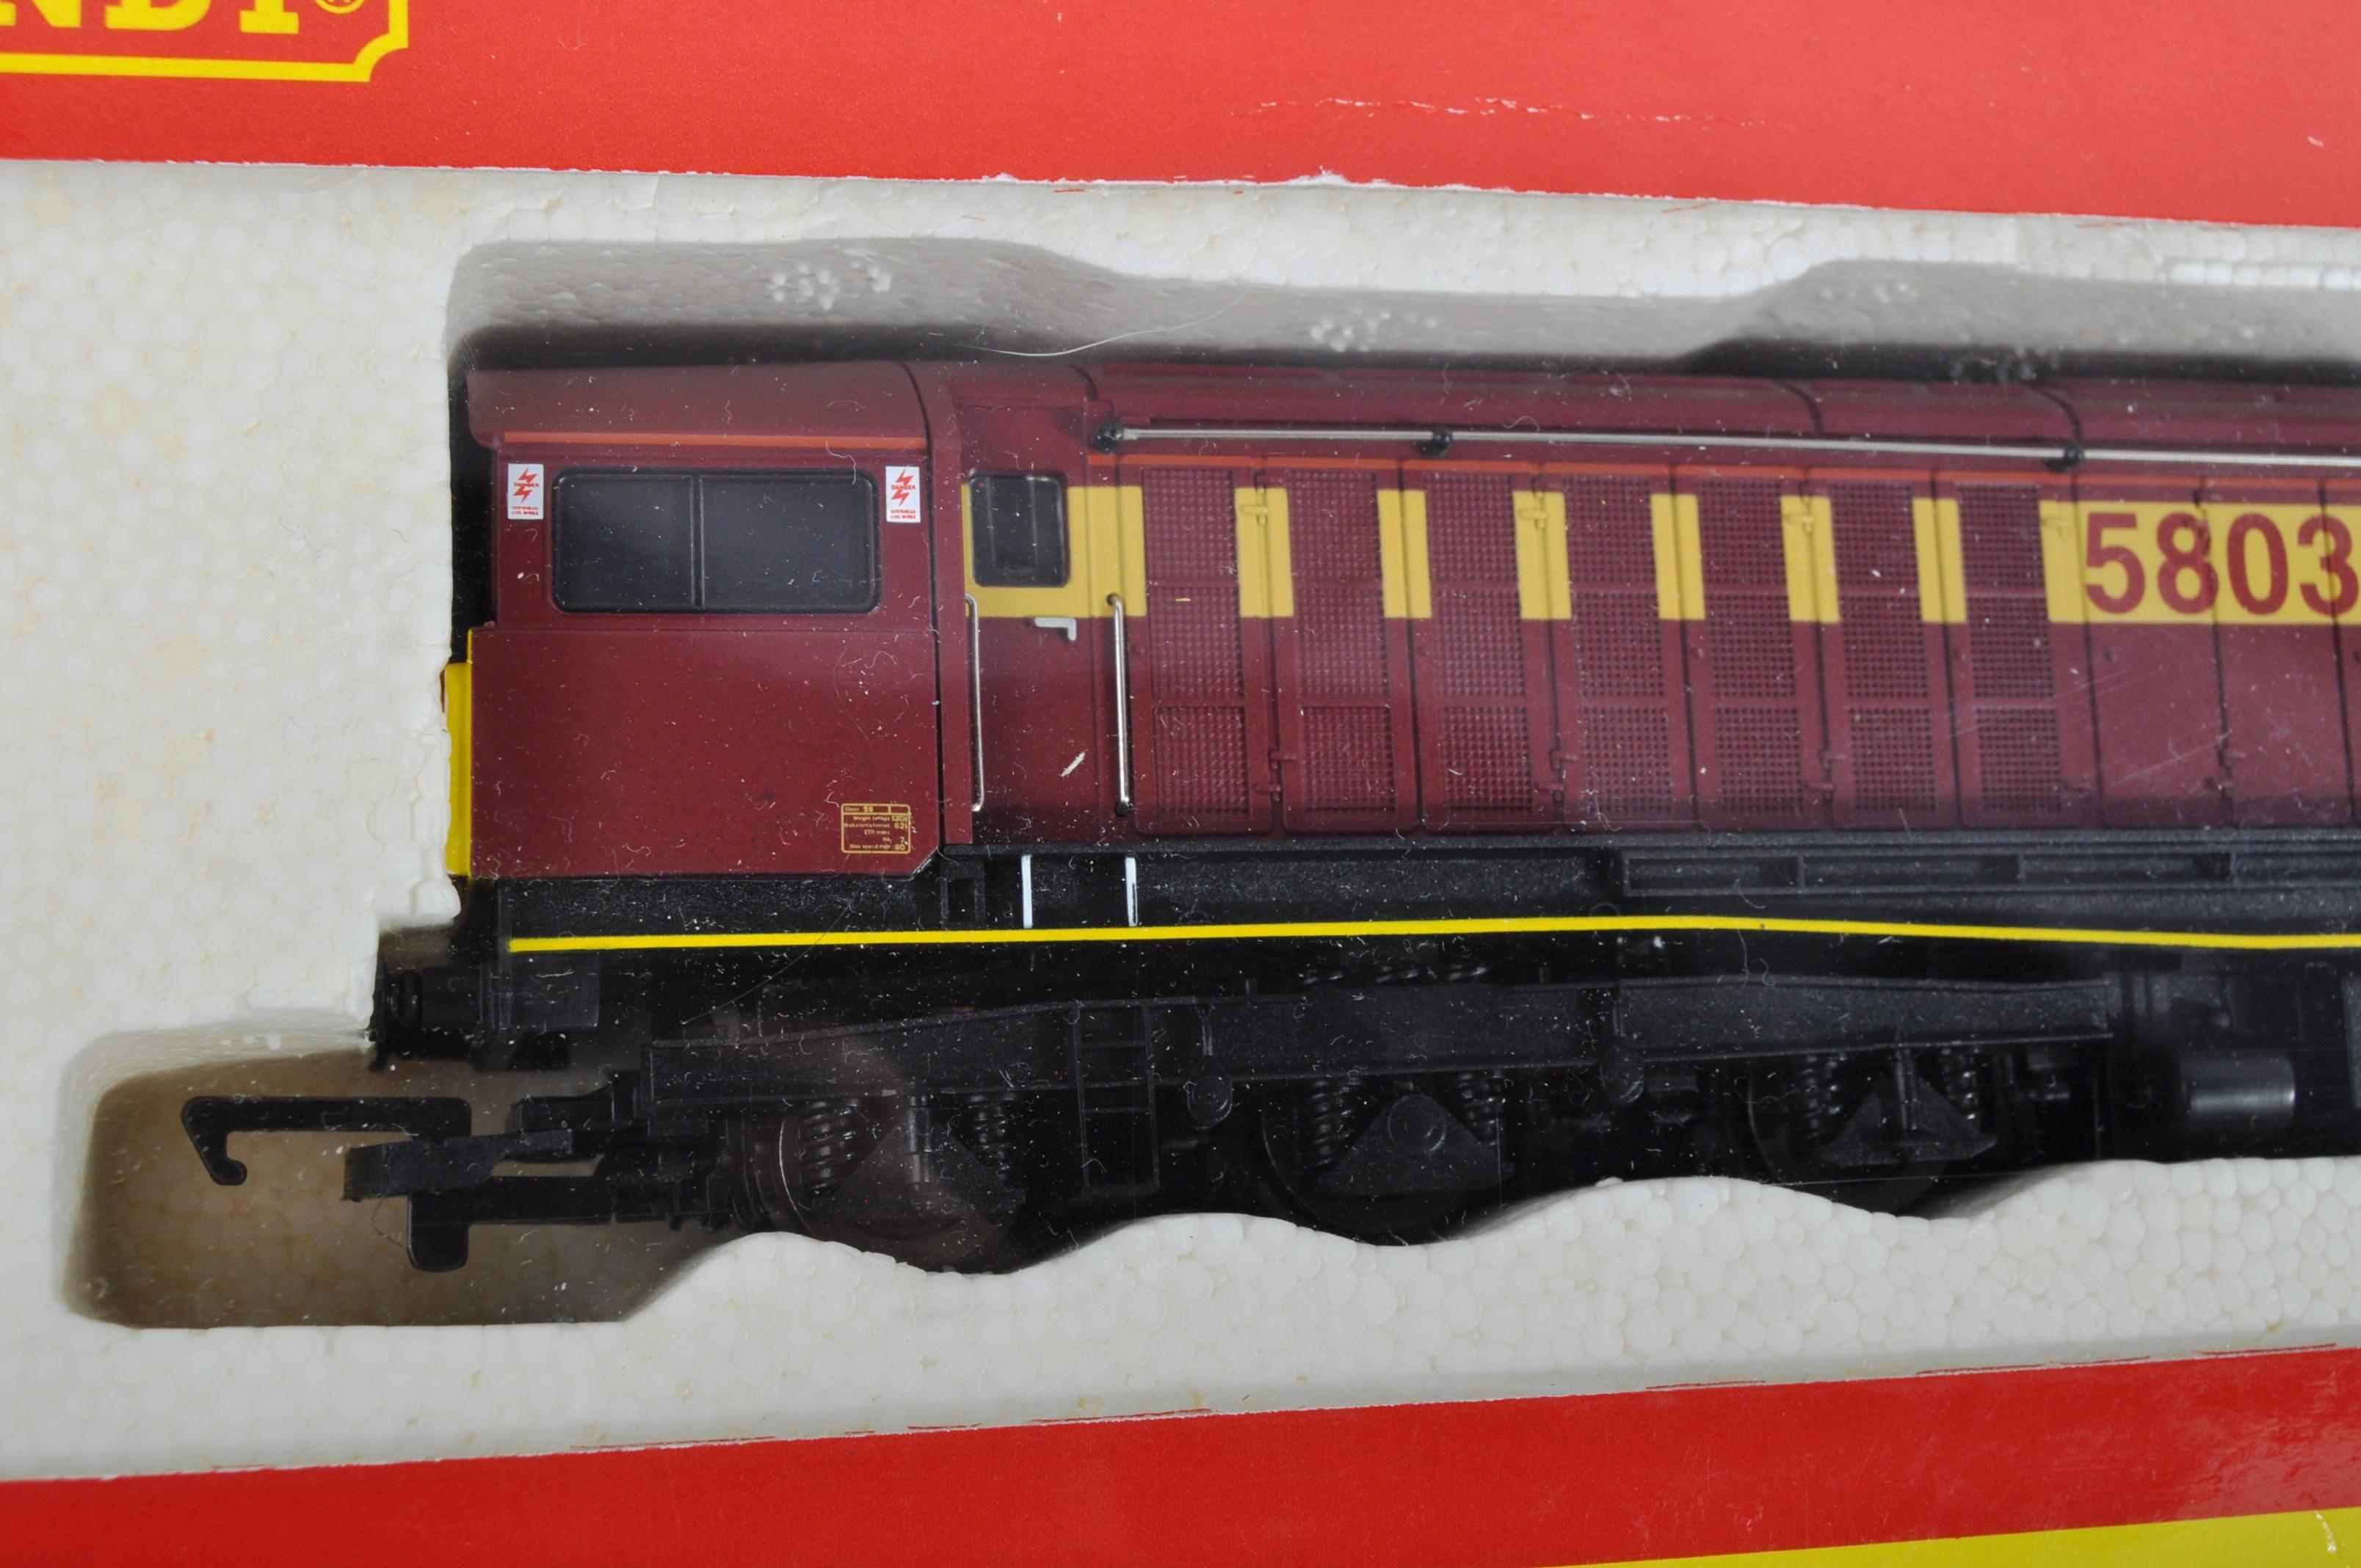 ORIGINAL HORNBY 00 GAUGE MODEL RAILWAY DIESEL ELECTRIC LOCO - Image 2 of 4